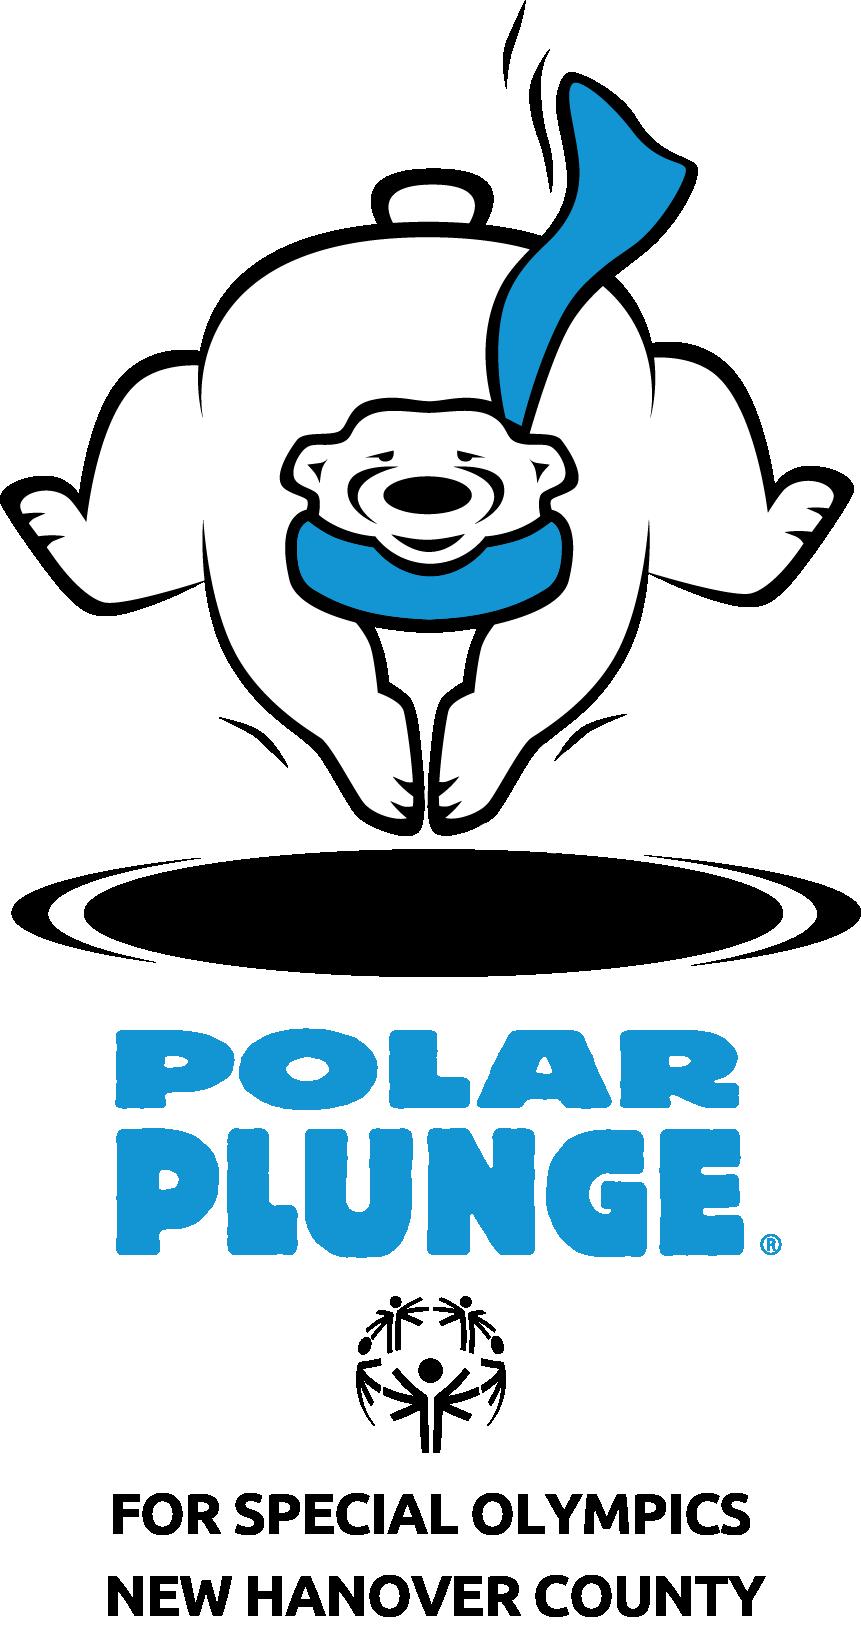 2018 New Hanover Speical Olympics Polar Plunge